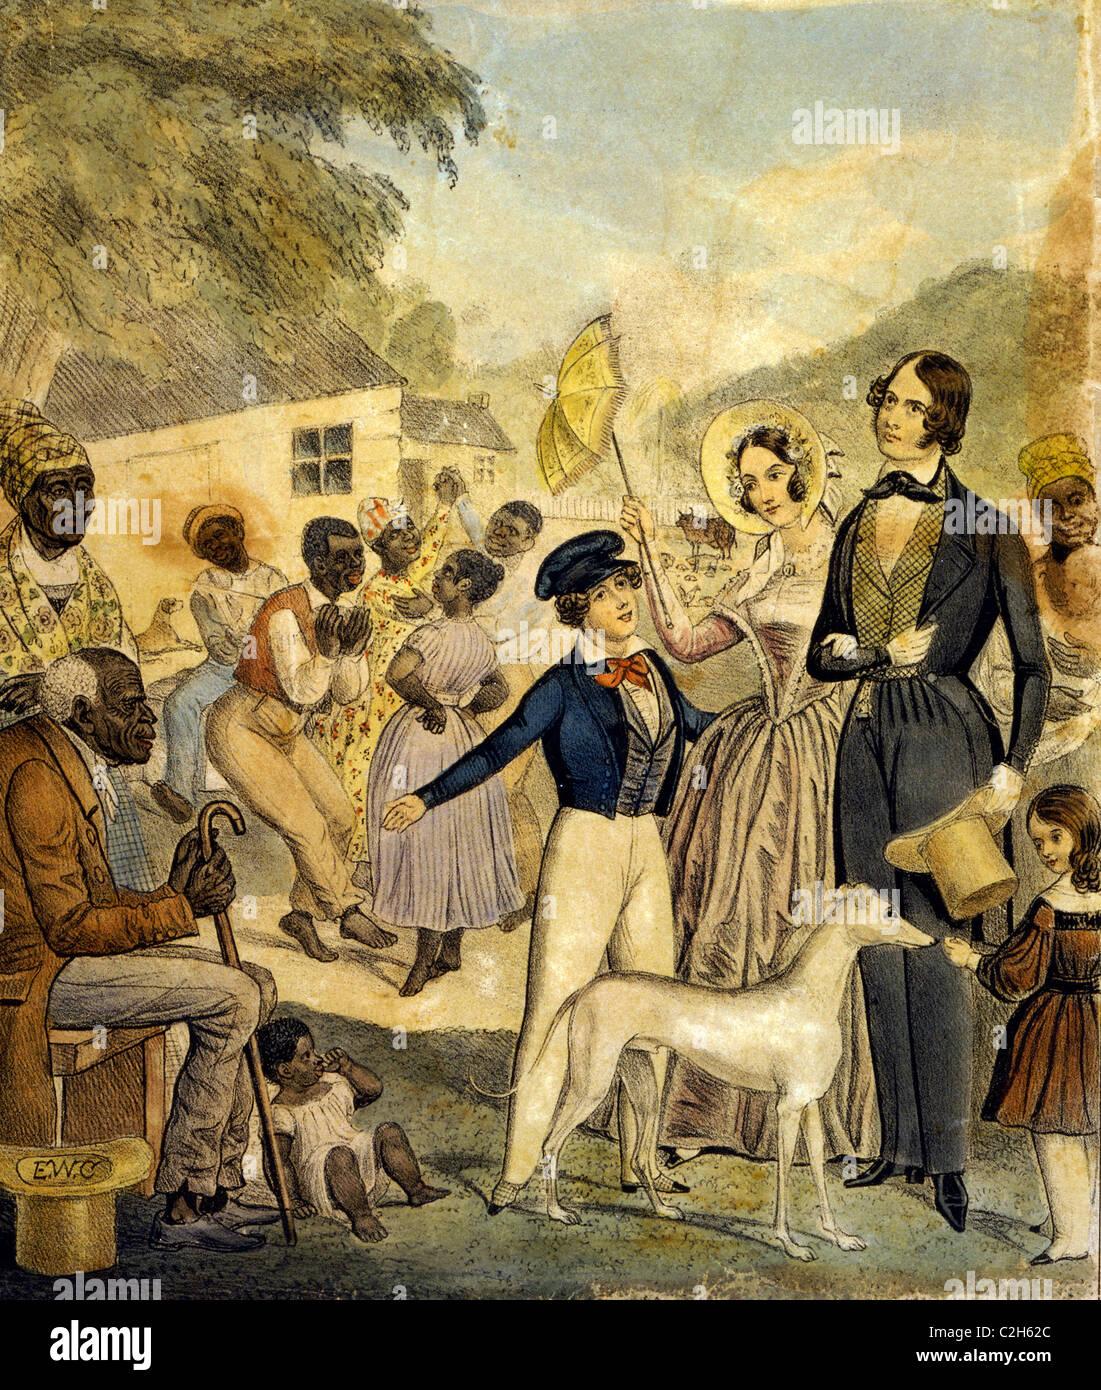 Une représentation idéalisée de l'esclavage aux États-Unis et les conditions des noirs dans Photo Stock